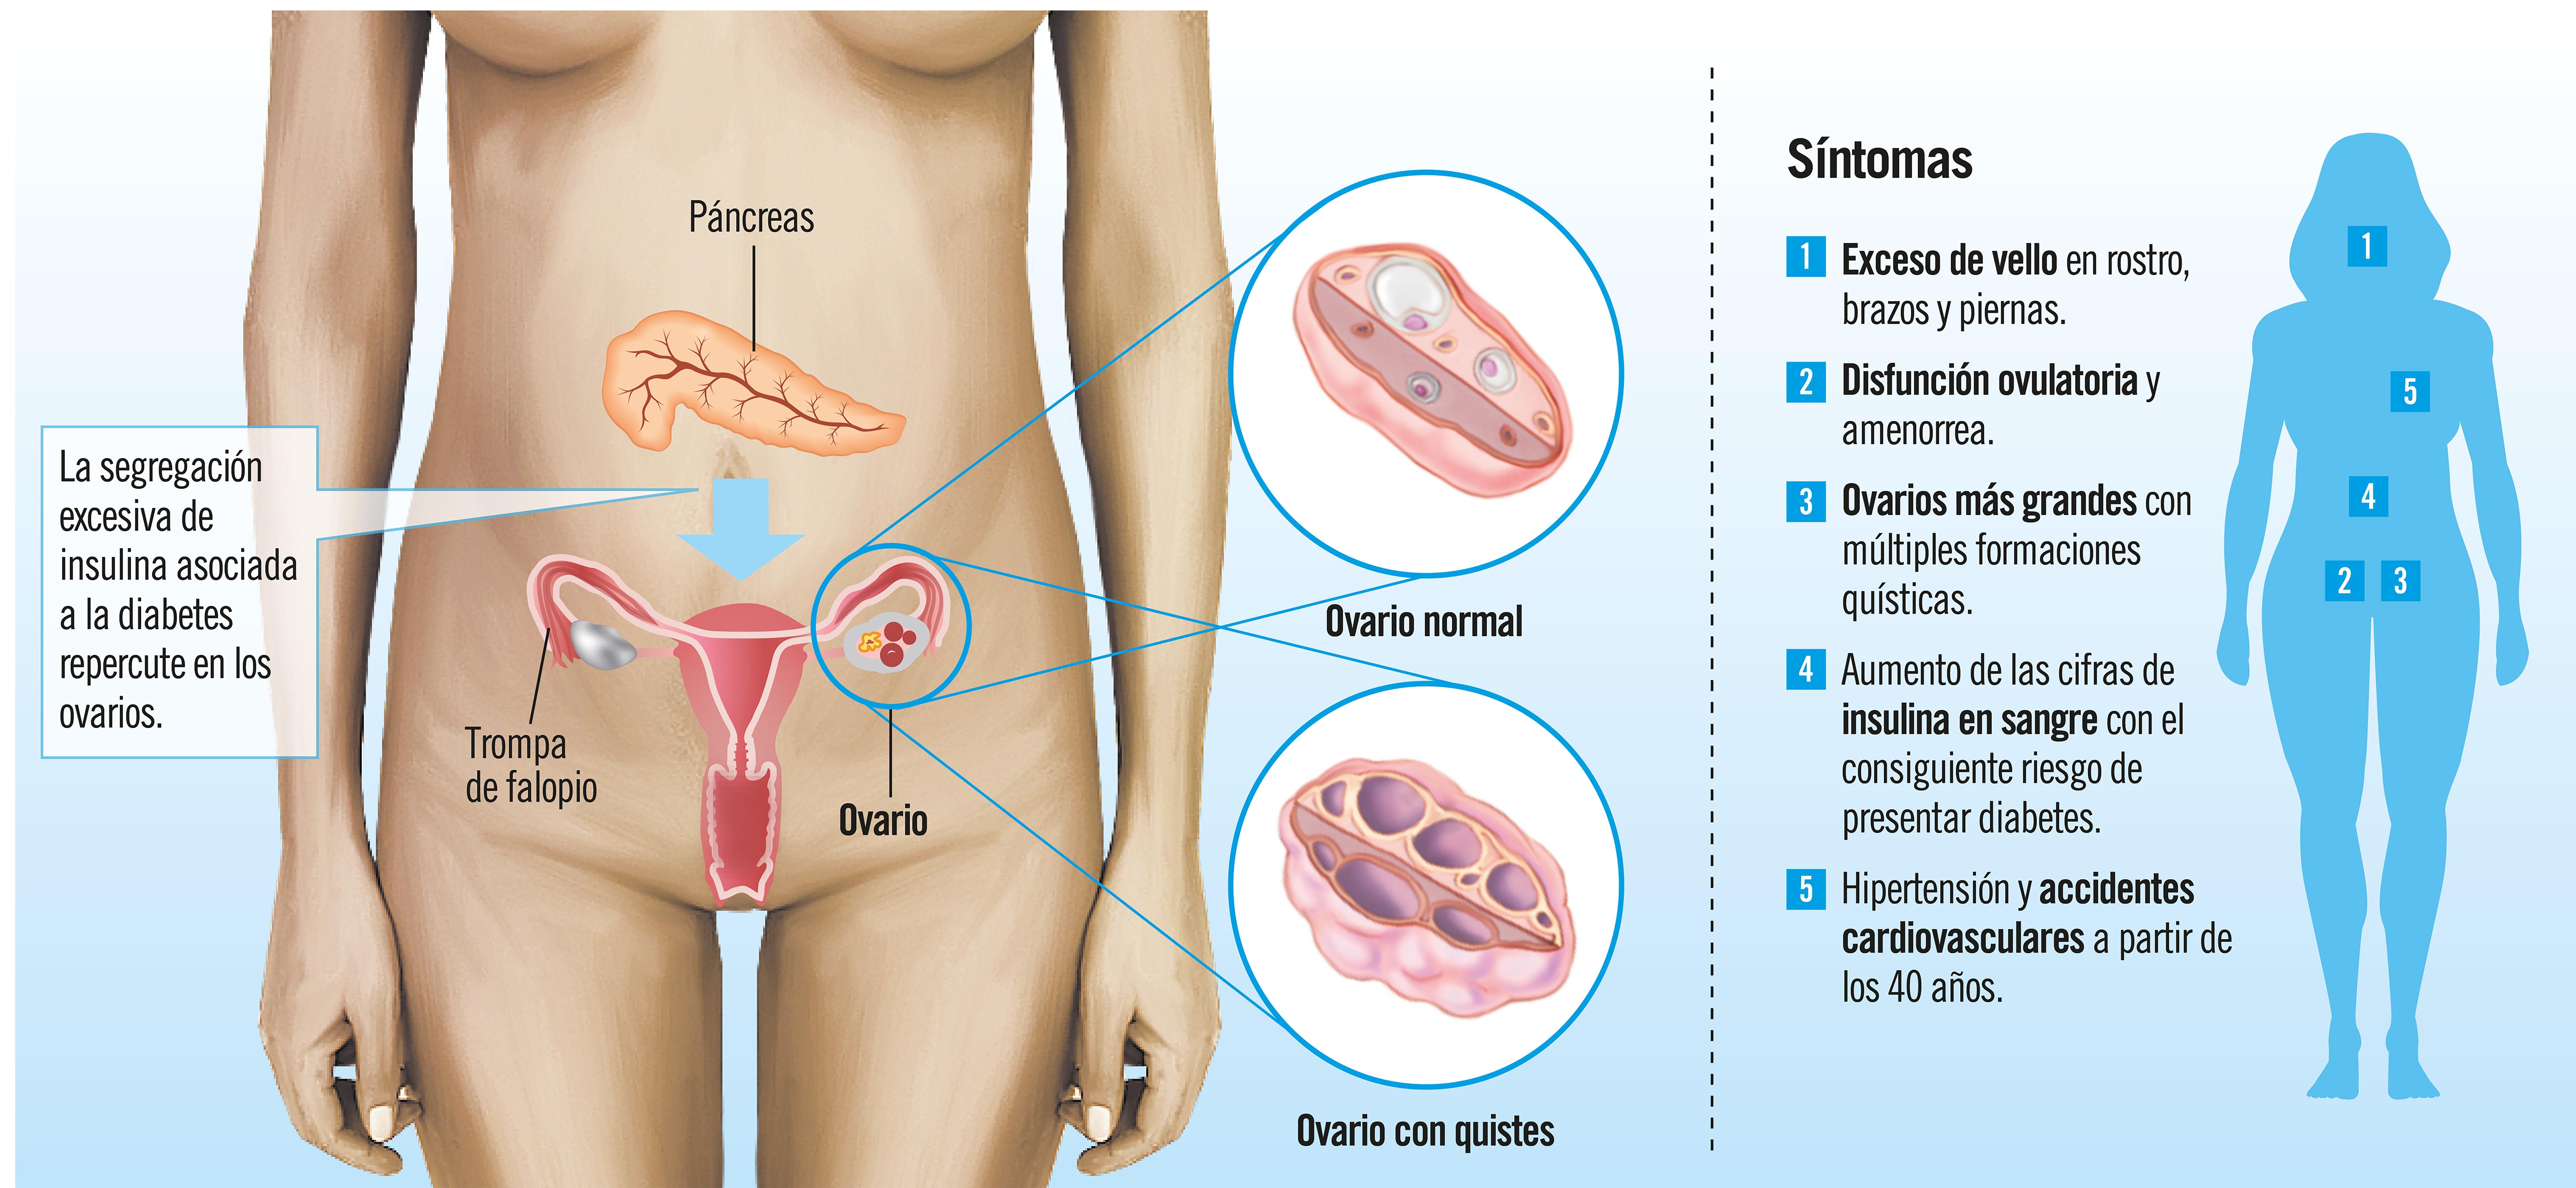 Ovario poliquístico: síntomas y tratamiento